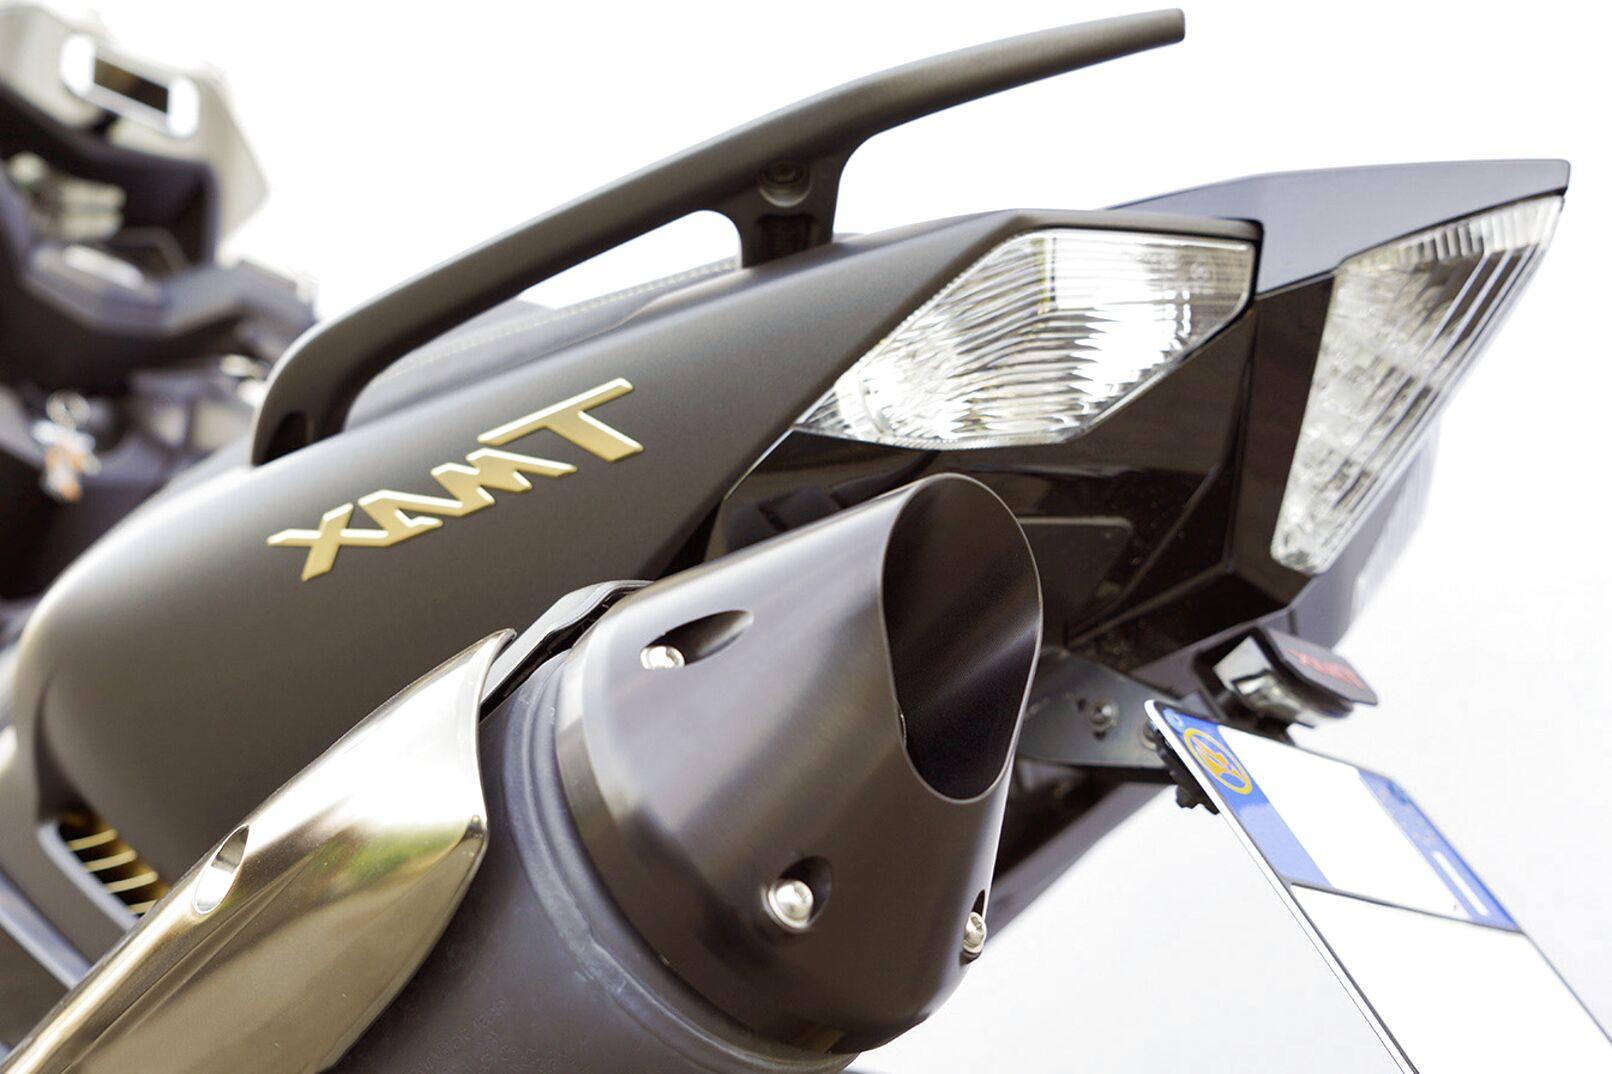 1983-1984 Satz für Yamaha XT 600 Z Tenere 34L Bj Vergaser Rep